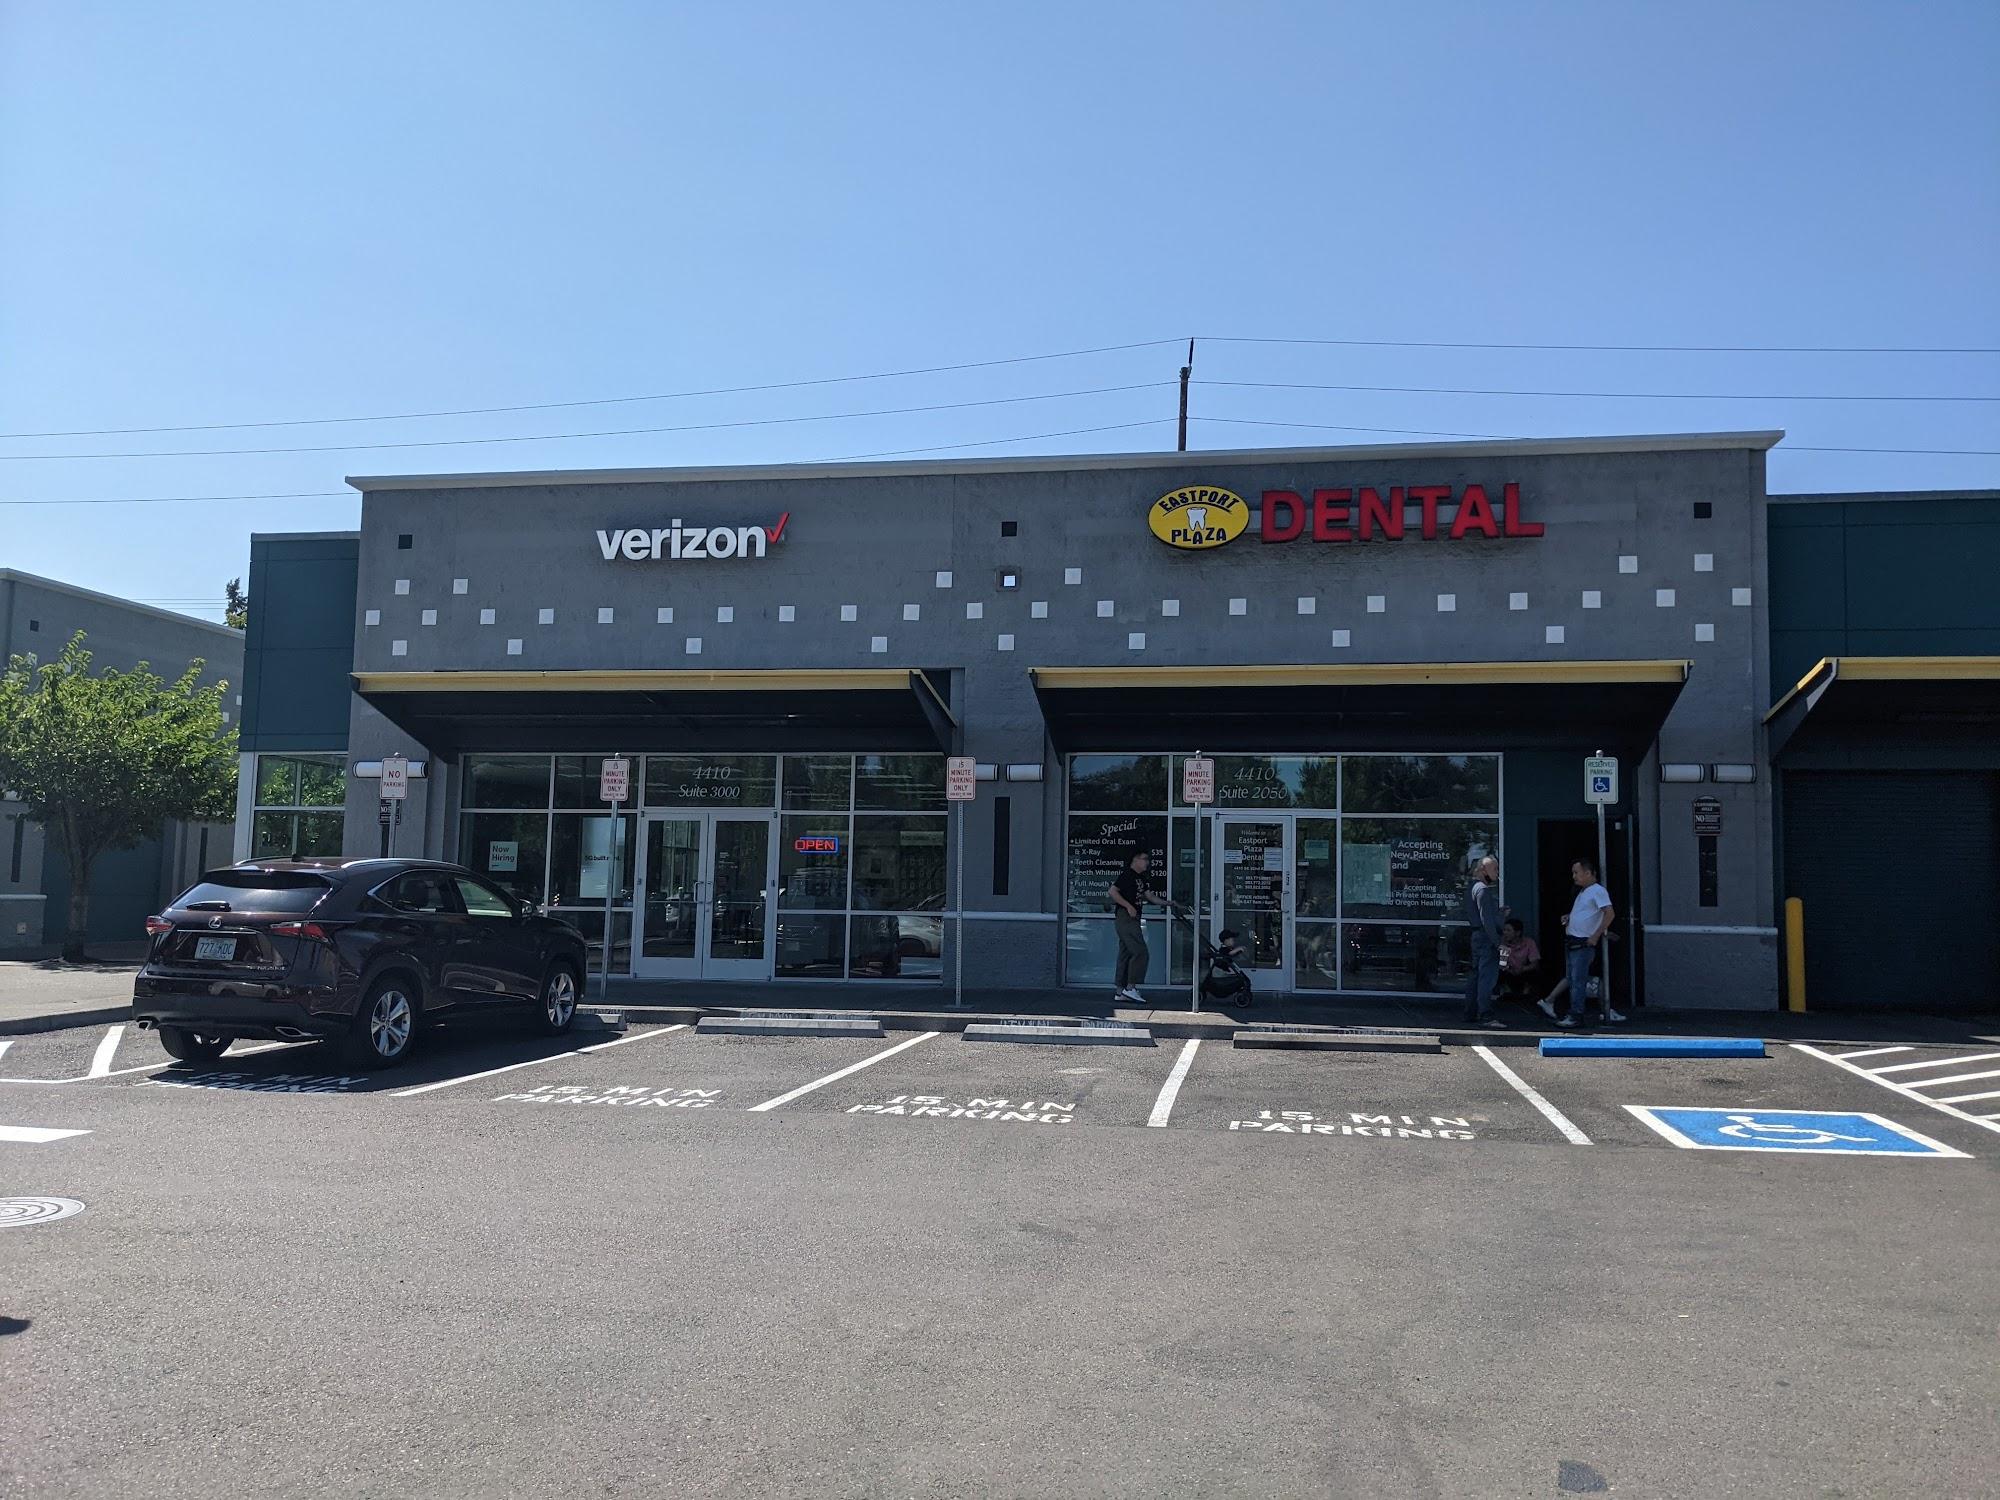 Eastport Plaza Dental 4410 SE 82nd Ave, Portland